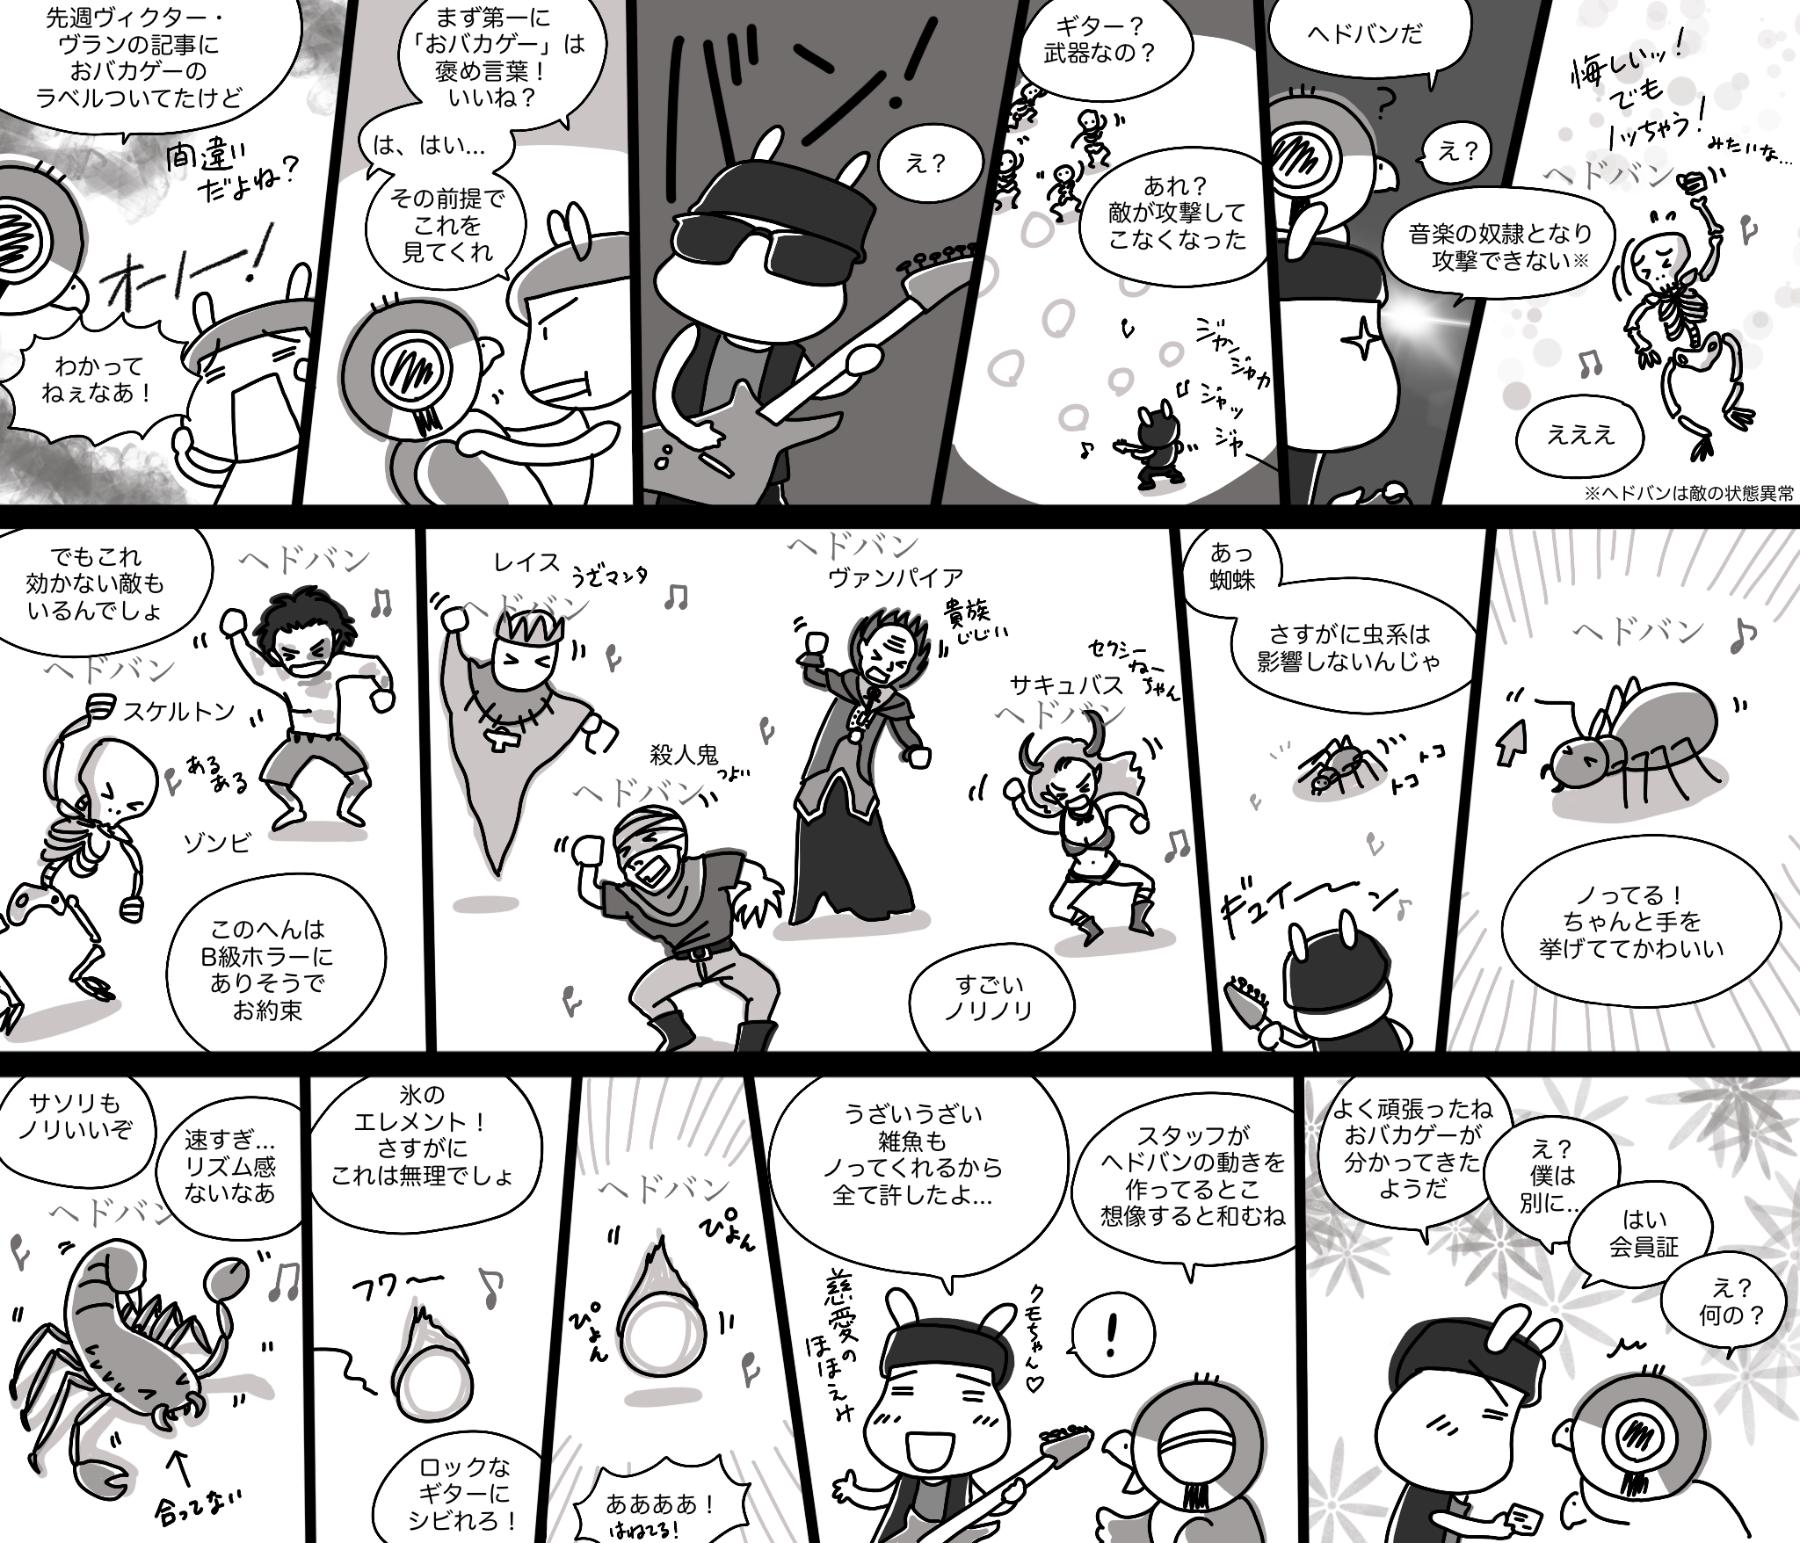 ヴィクター・ヴラン:ギターでノリノリ!愛すべきおバカ(漫画)